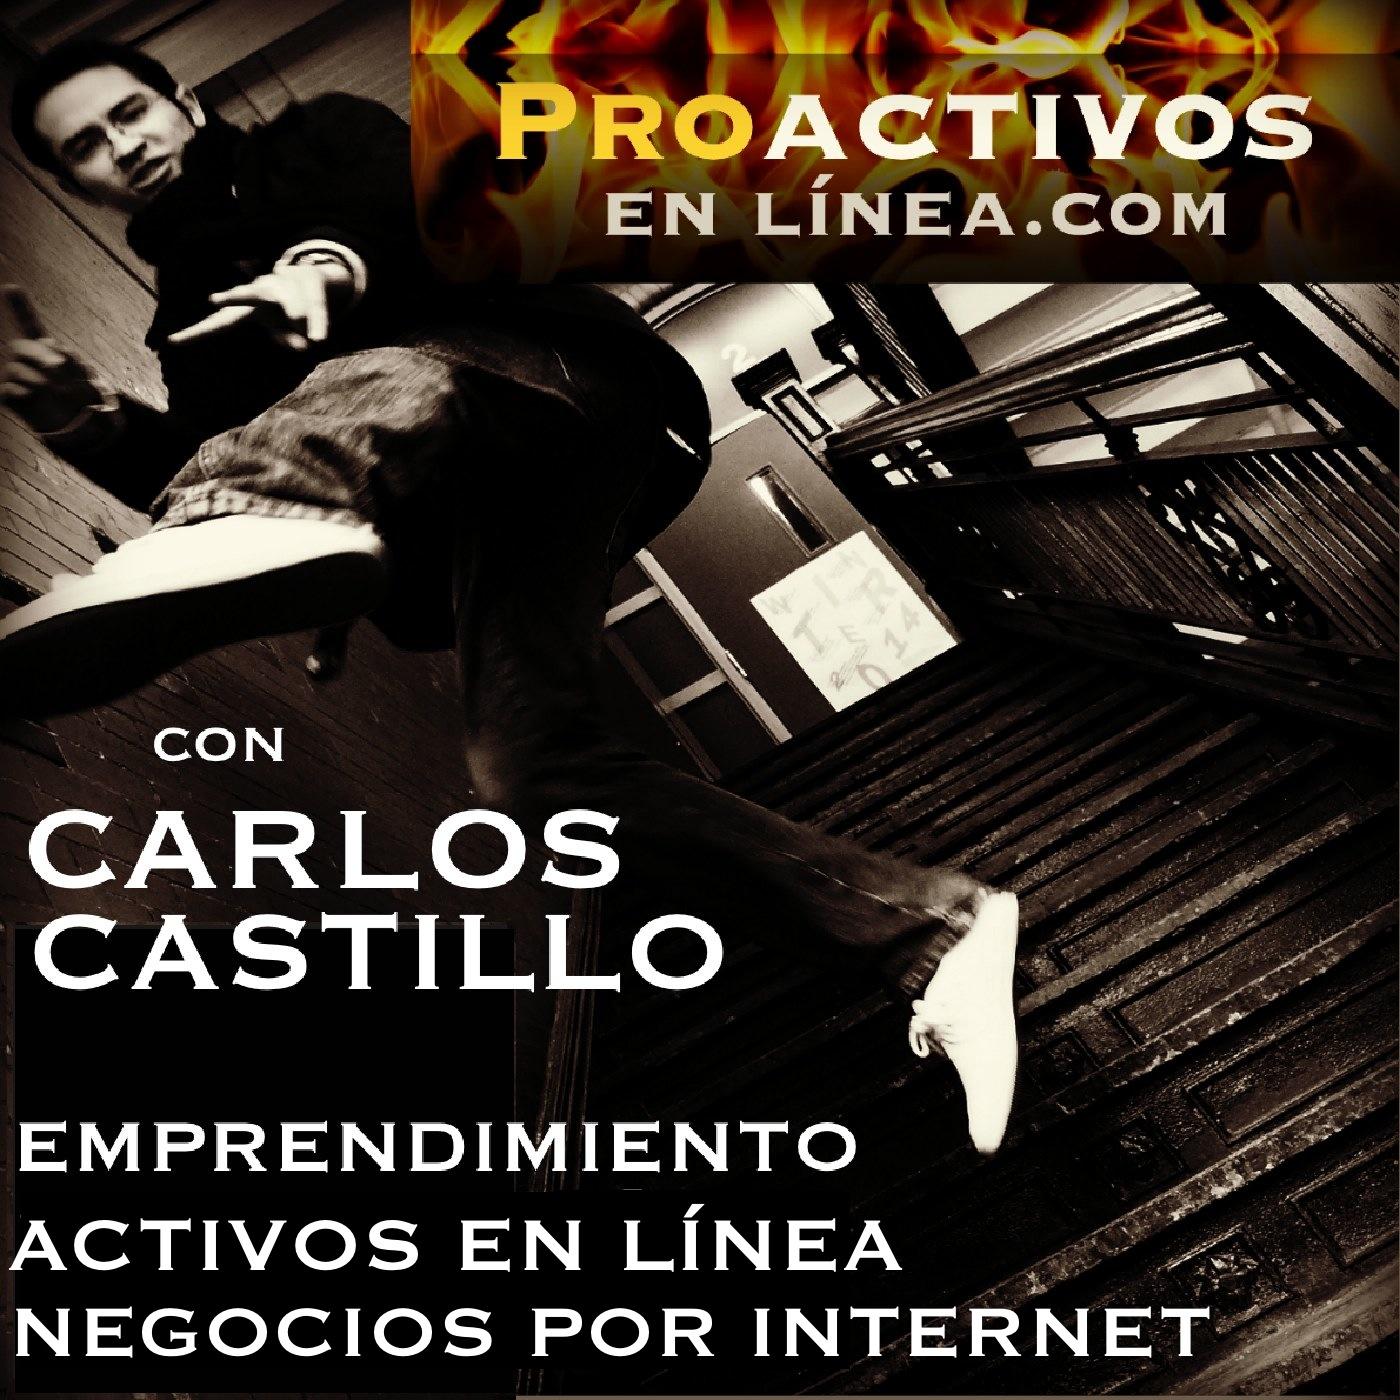 Proactivos en línea